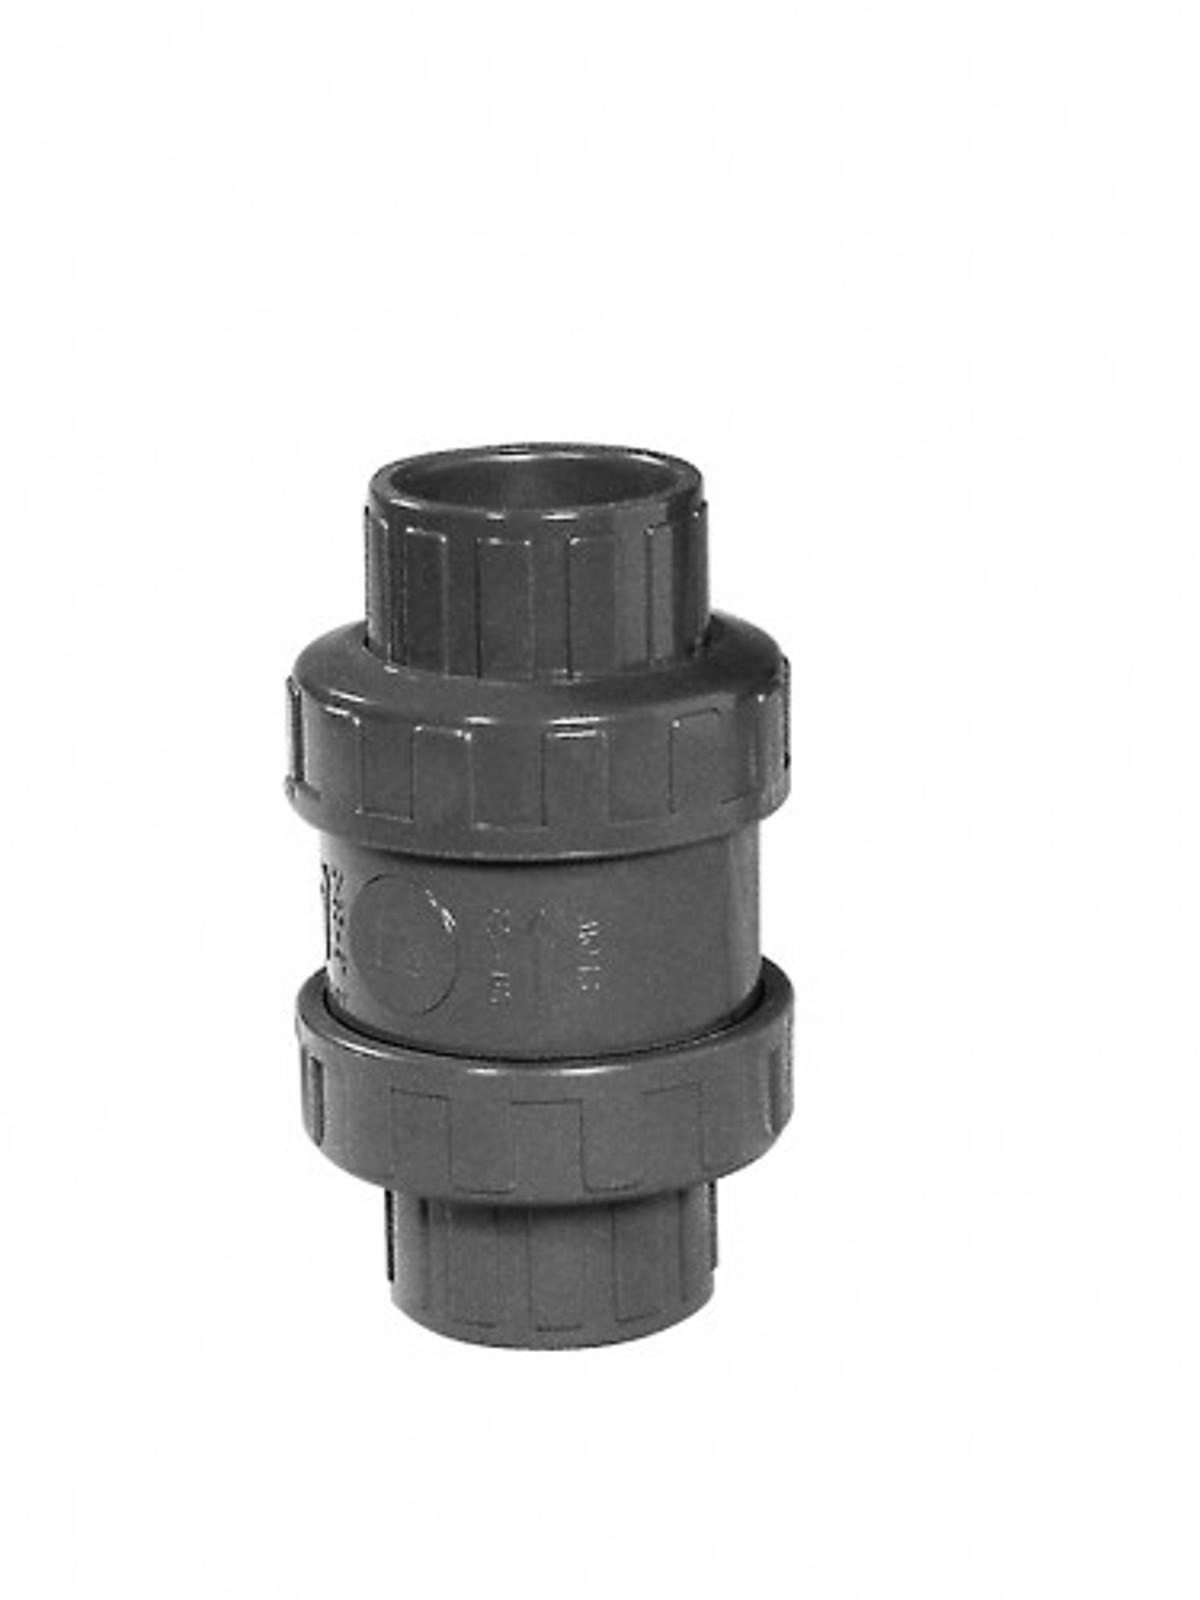 PVC-Rückschlagventil m. O-Ring, Ø 50 mm